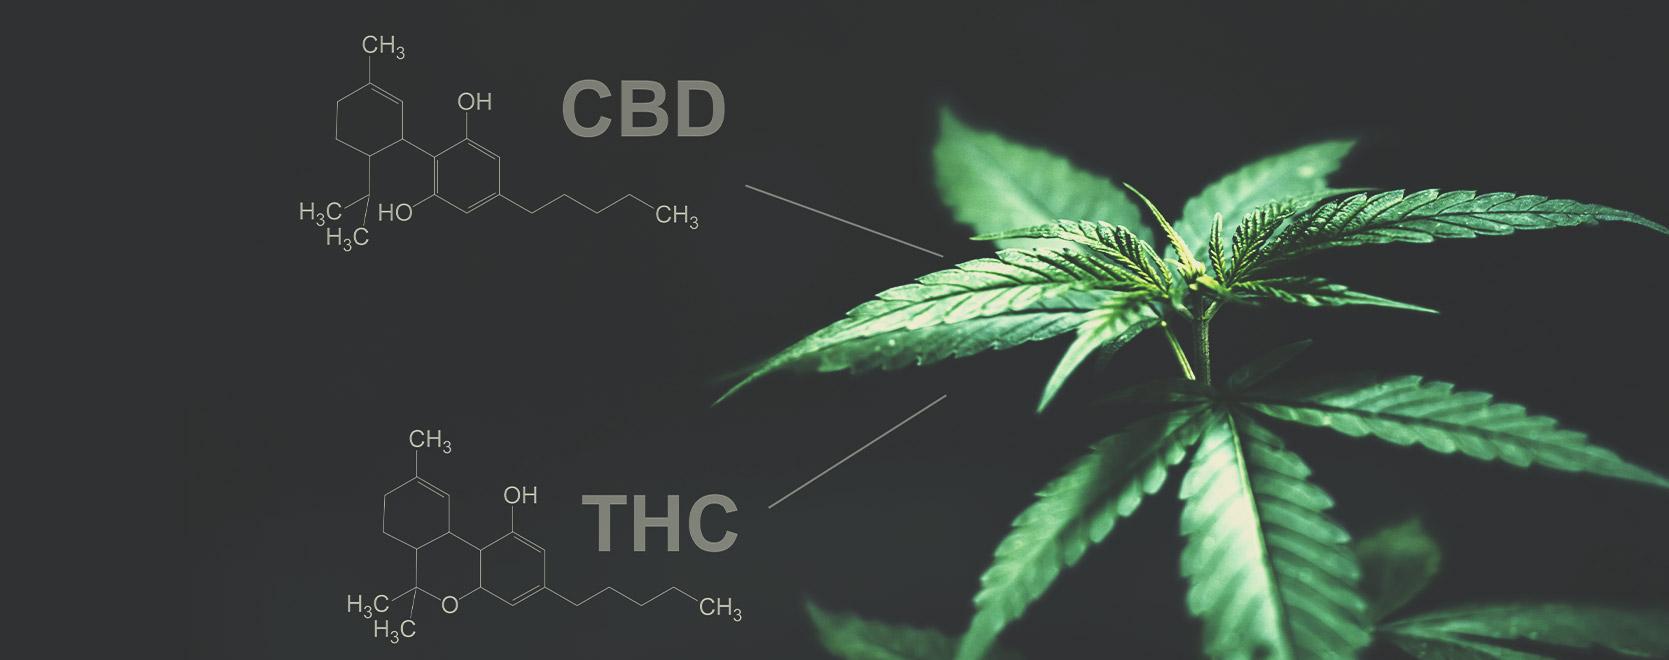 Gibt es diesbezüglich einen Unterschied zwischen THC und CBD?